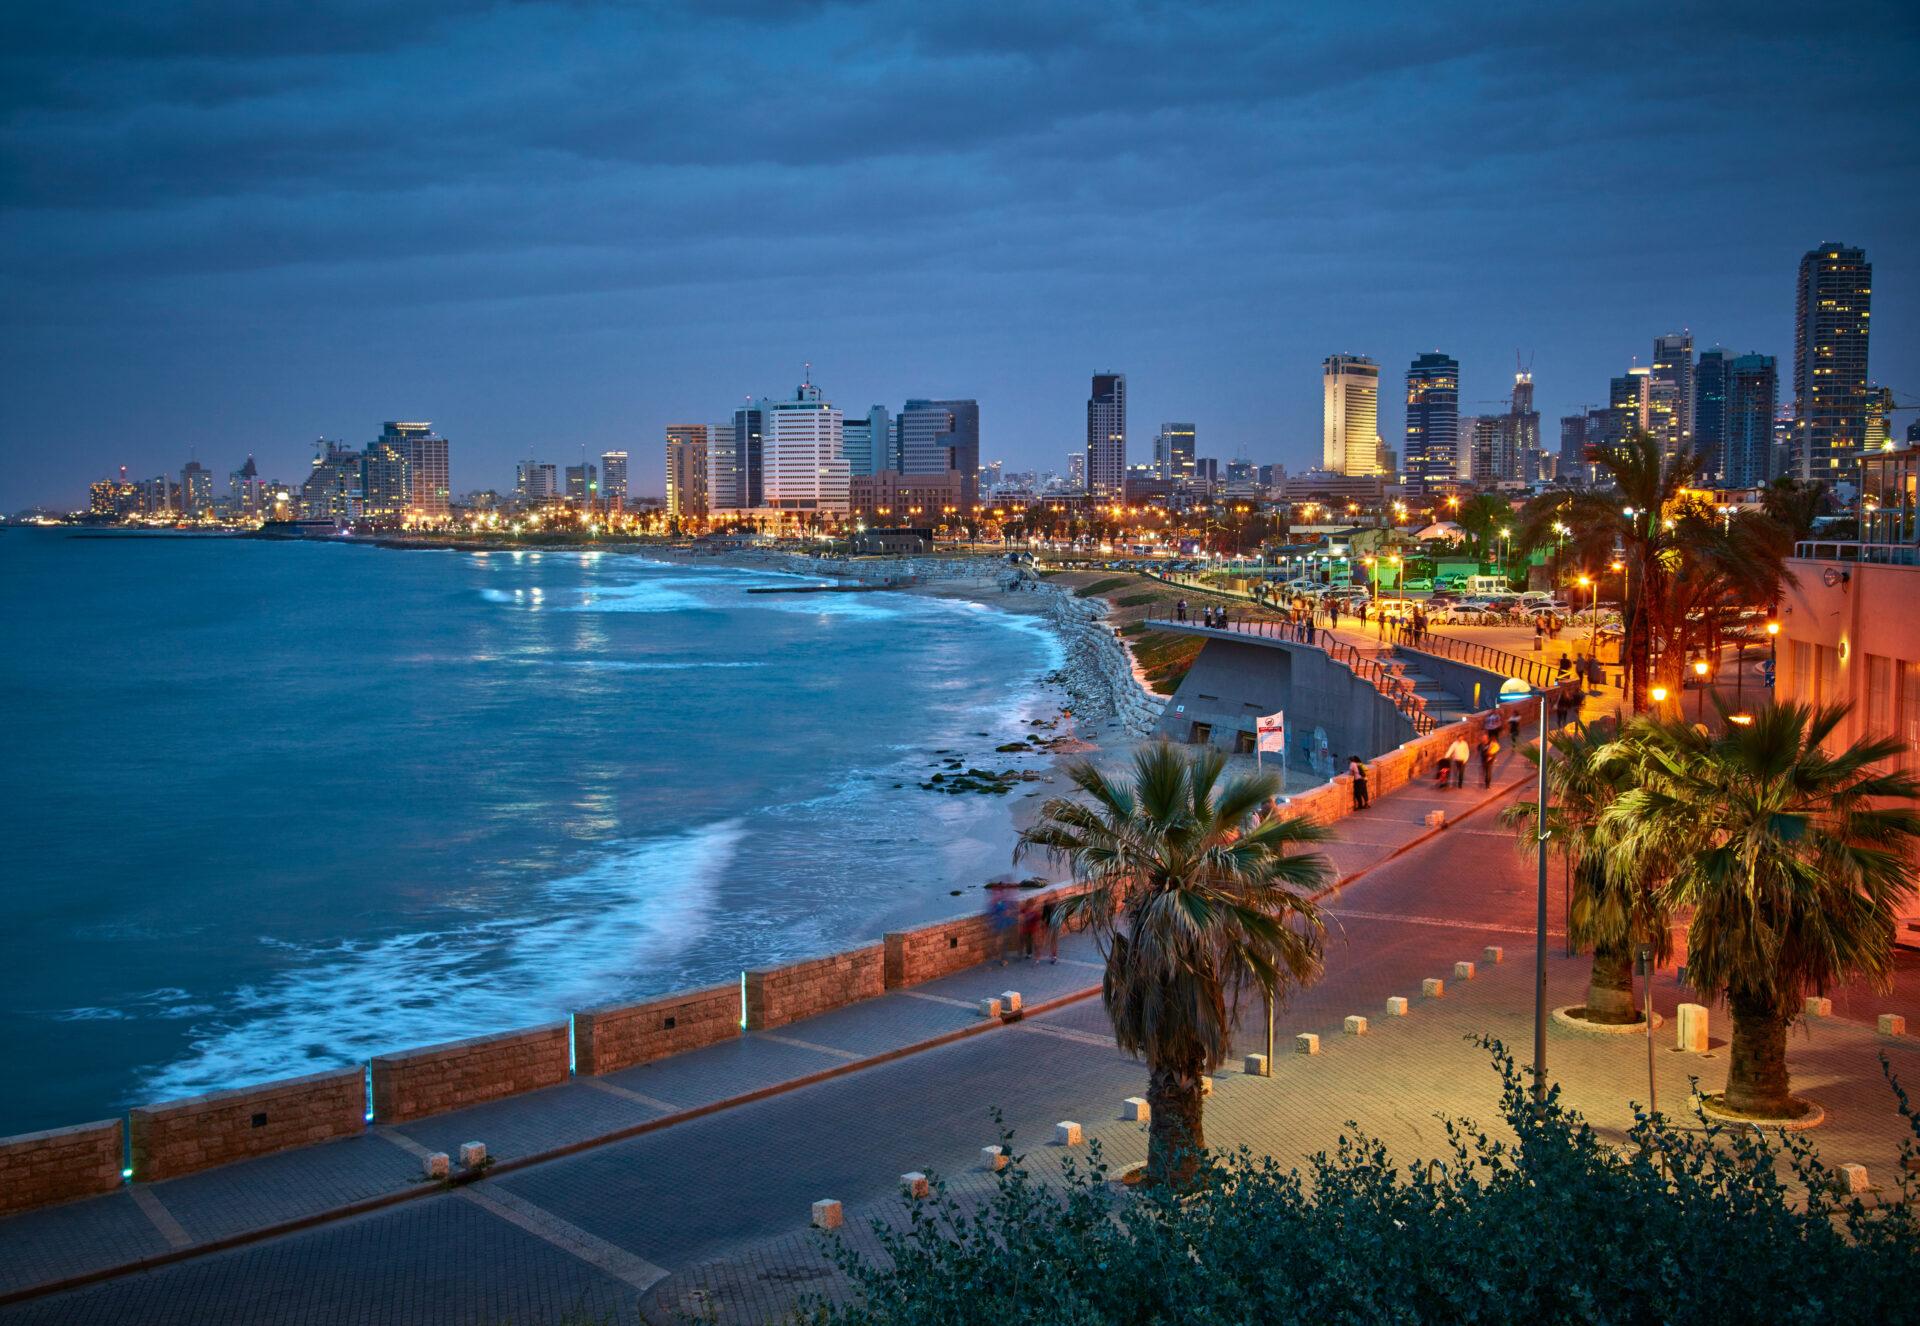 IL_Tel Aviv_Waterfront at night_RF_ss495424975